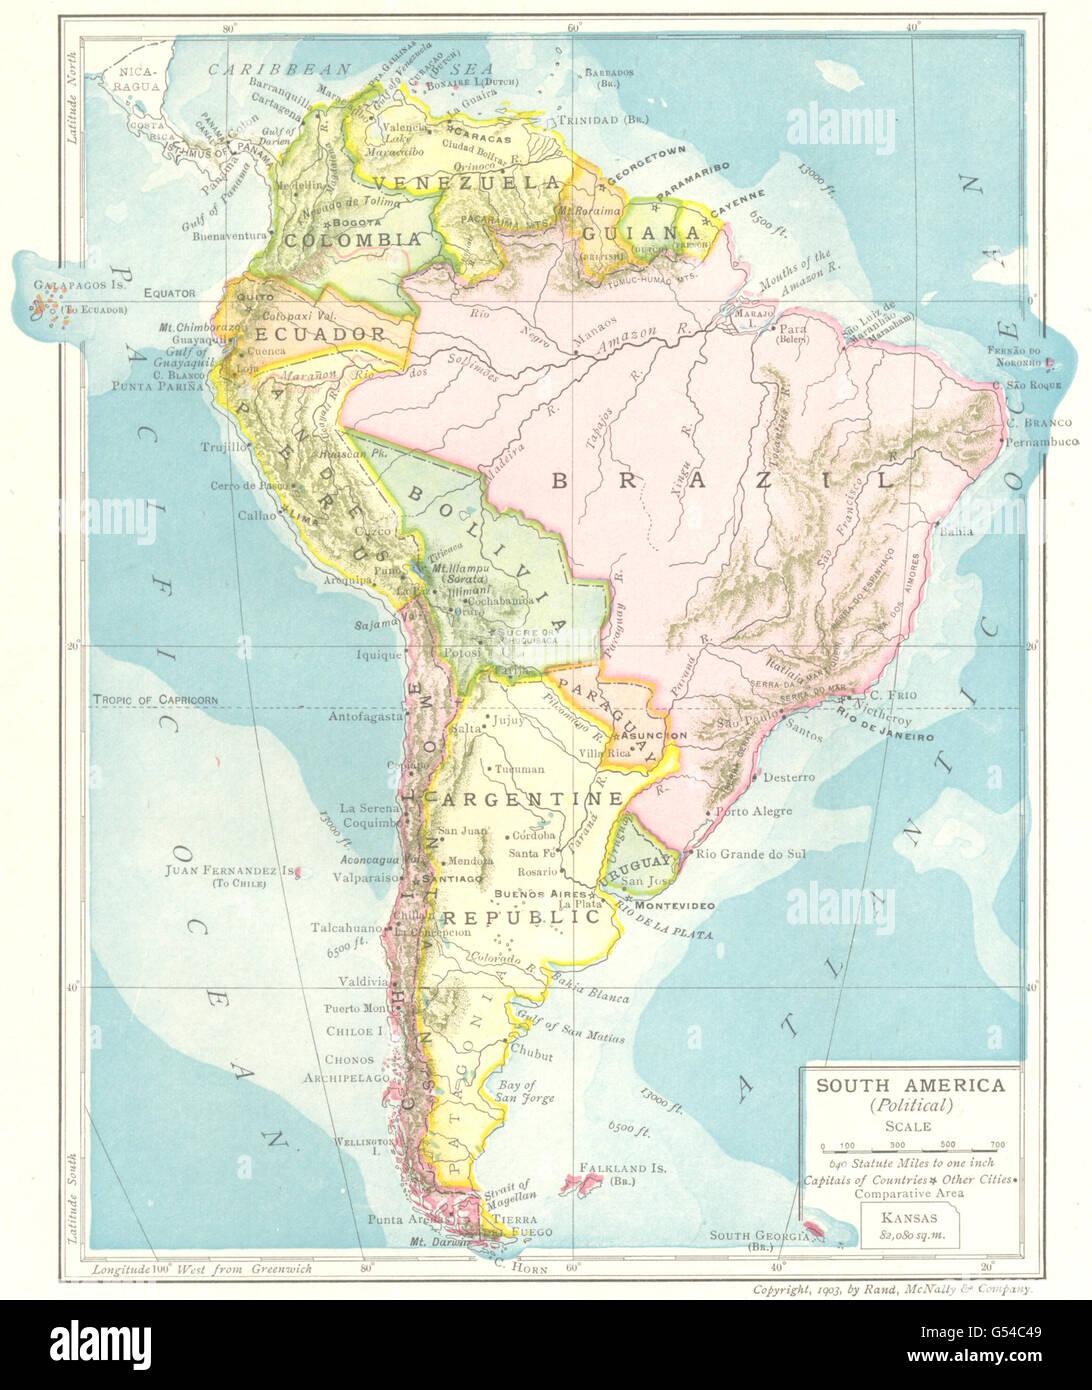 South America Political Guiana Brazil Bolivia Argentine